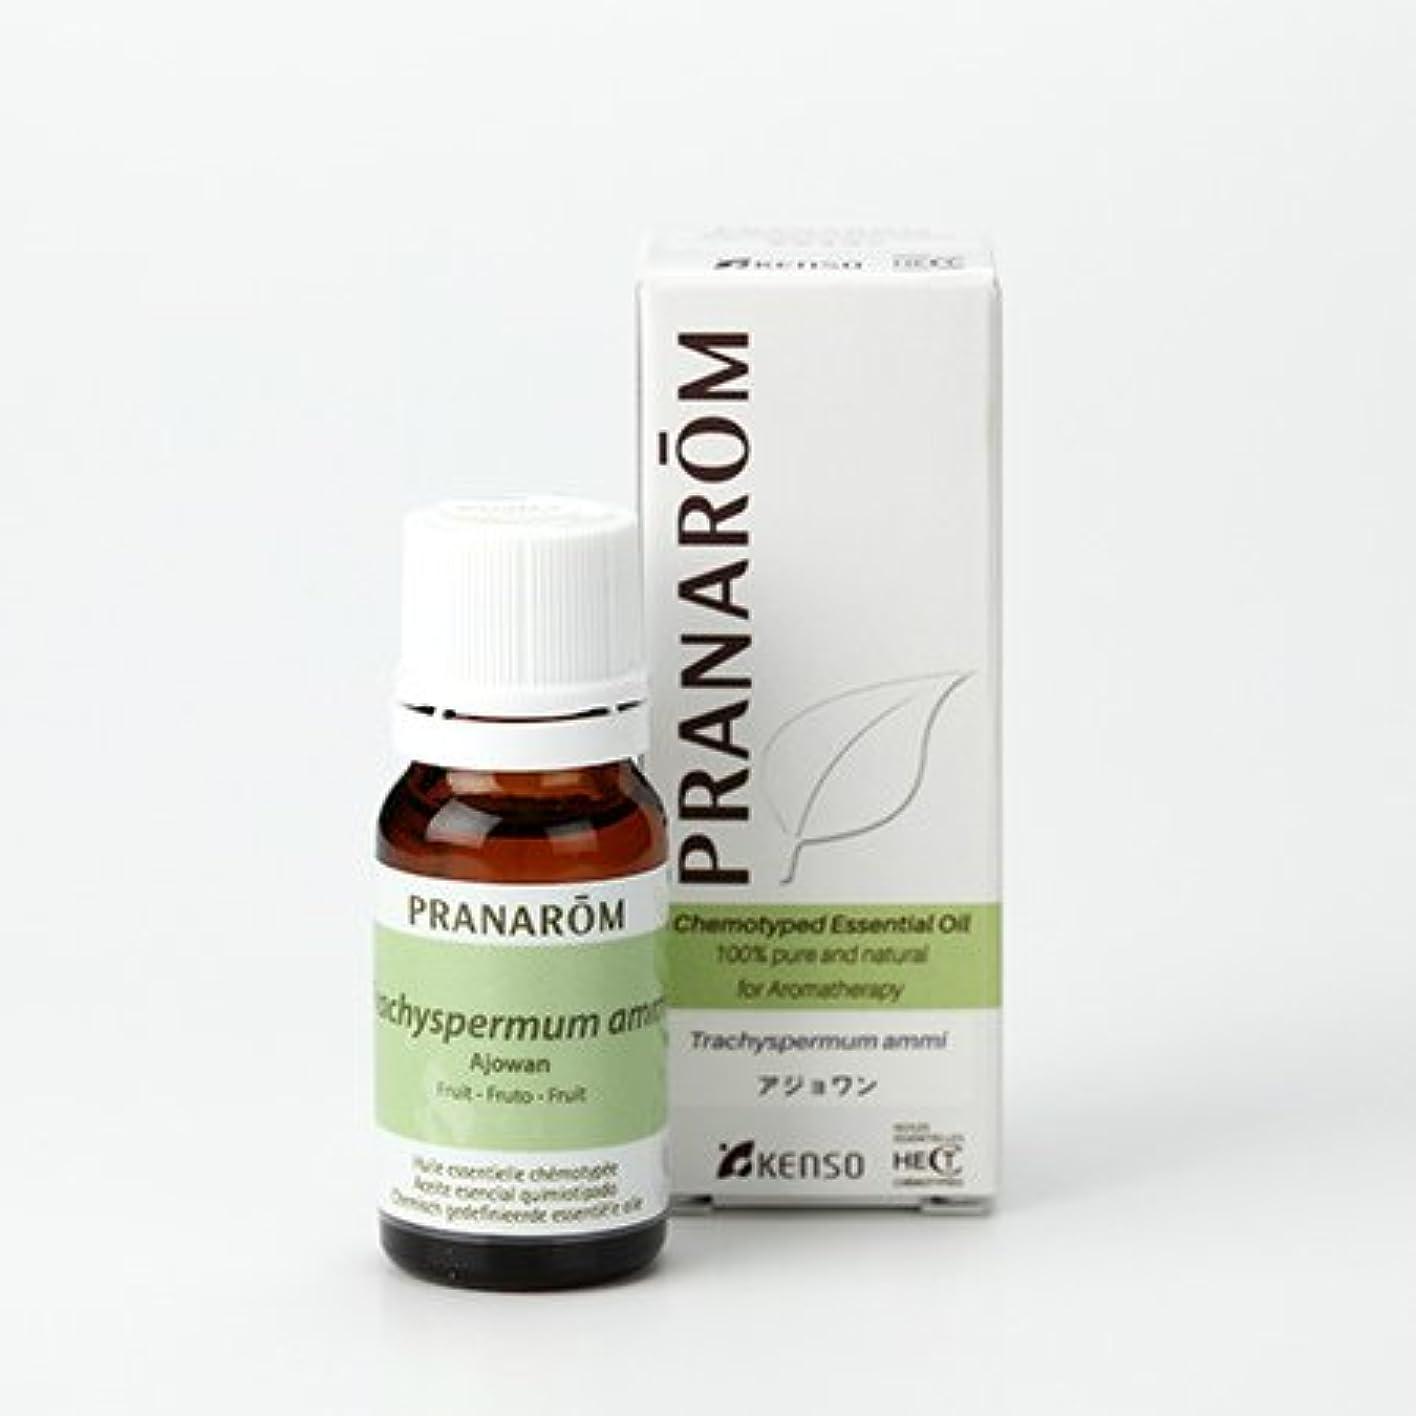 ピース試してみる肥料プラナロム アジョワン 10ml (PRANAROM ケモタイプ精油)